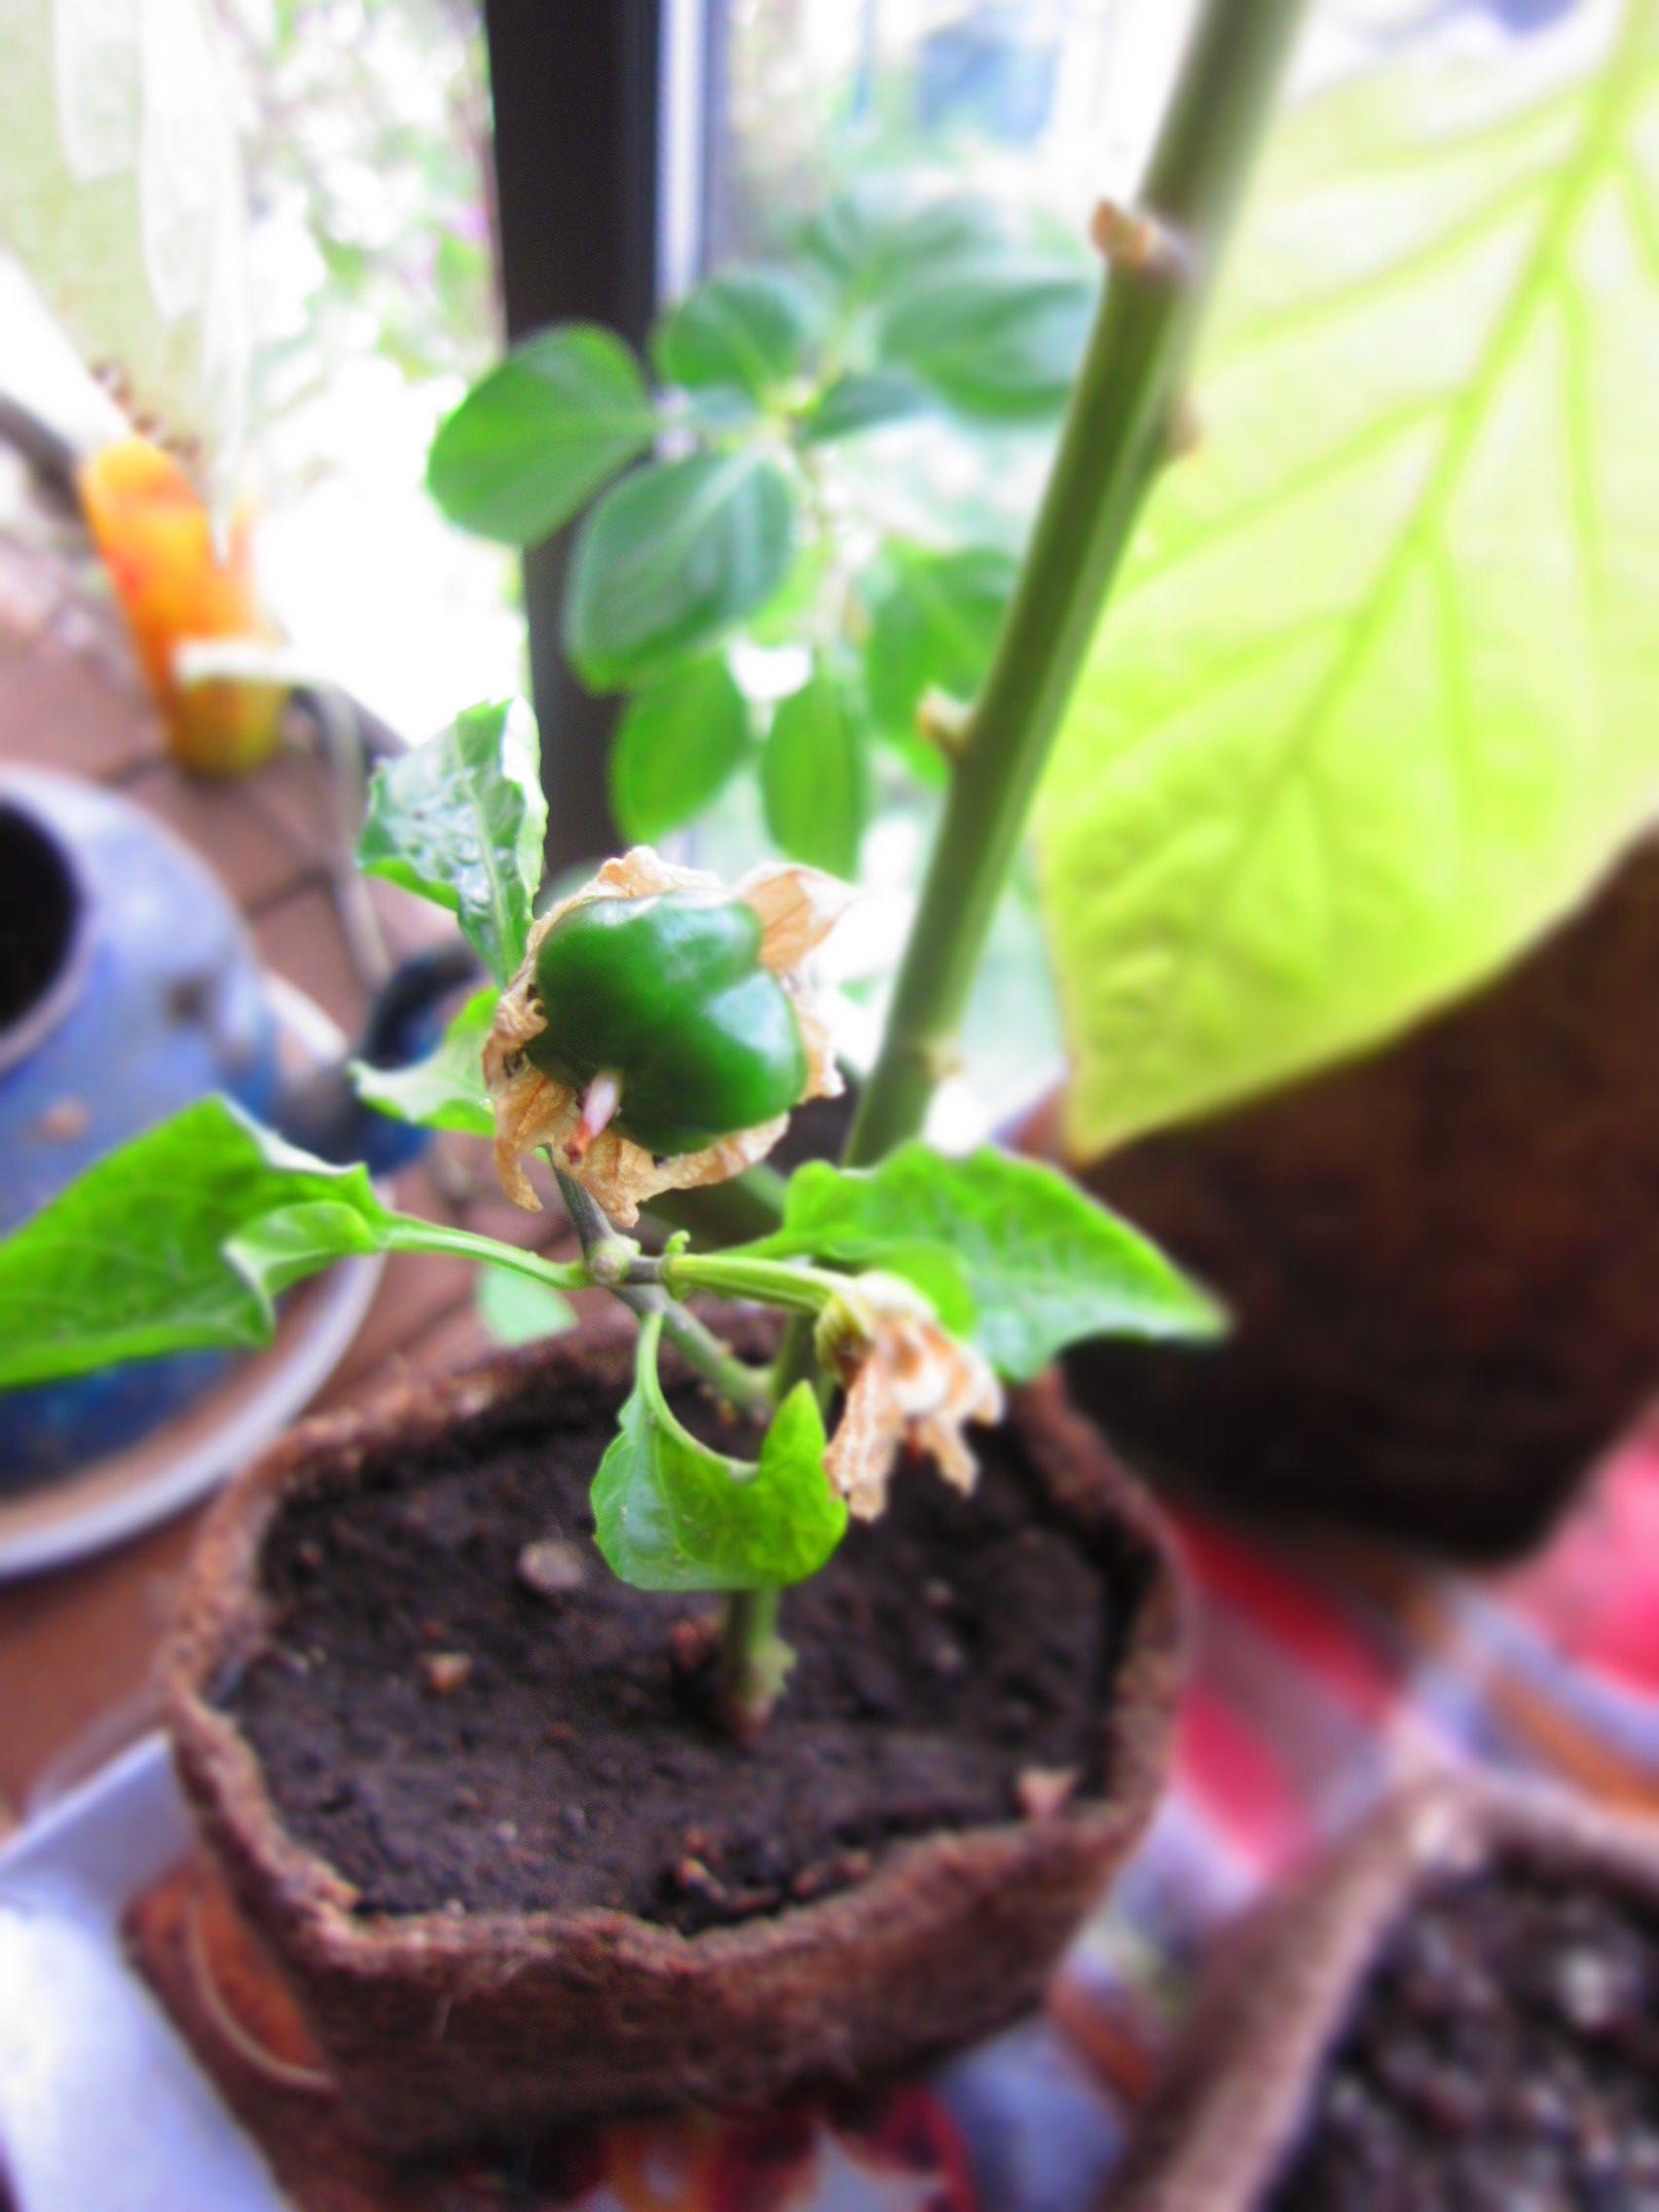 Imagina tener tus propias hortalizas en la cocina de tu casa